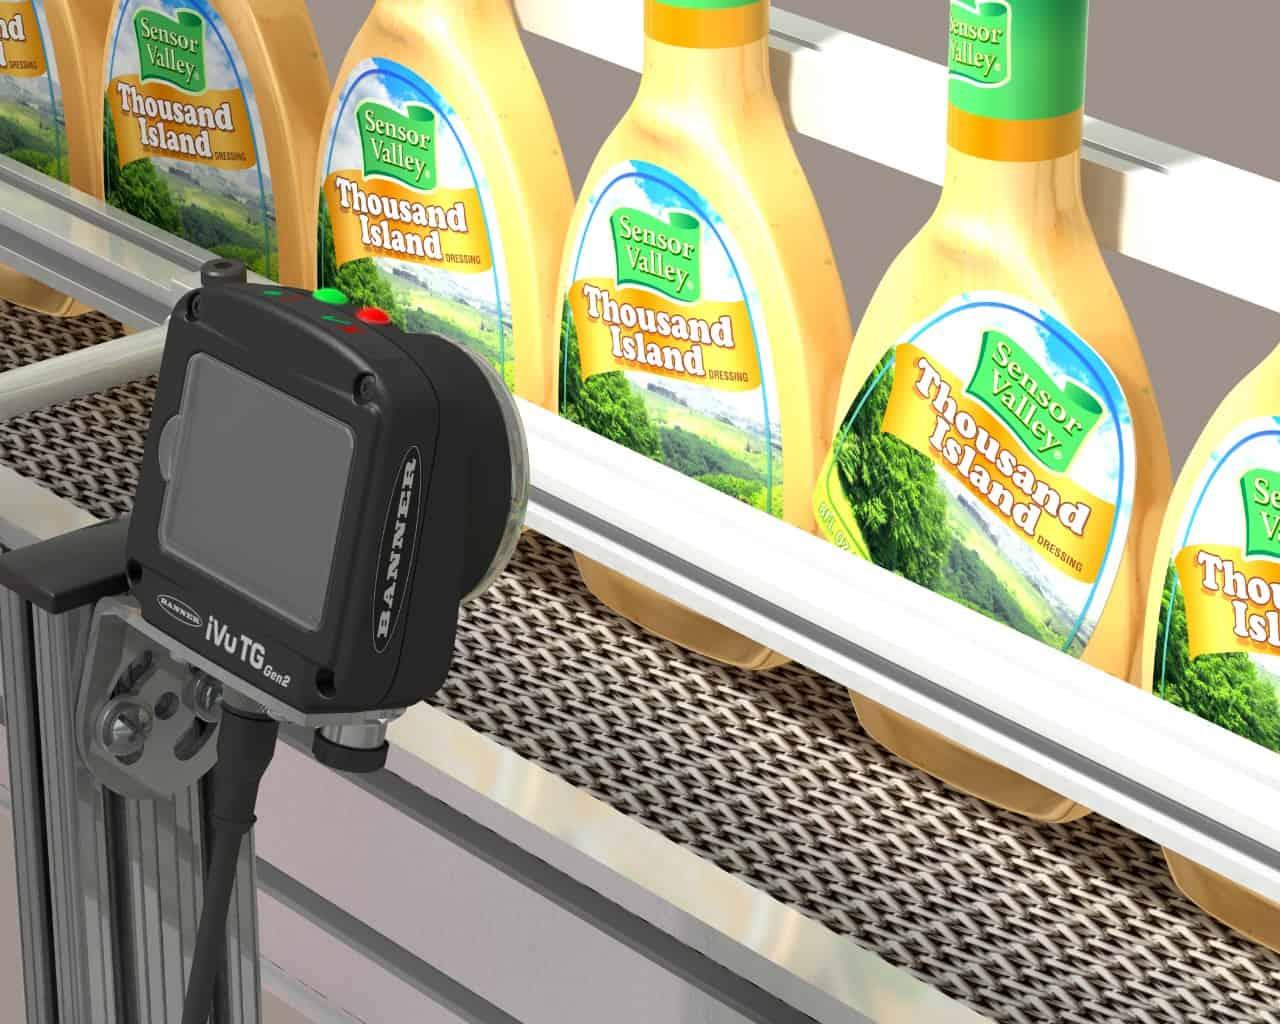 กล้องตรวจสินค้า การตรวจเช็คบรรจุภัณฑ์